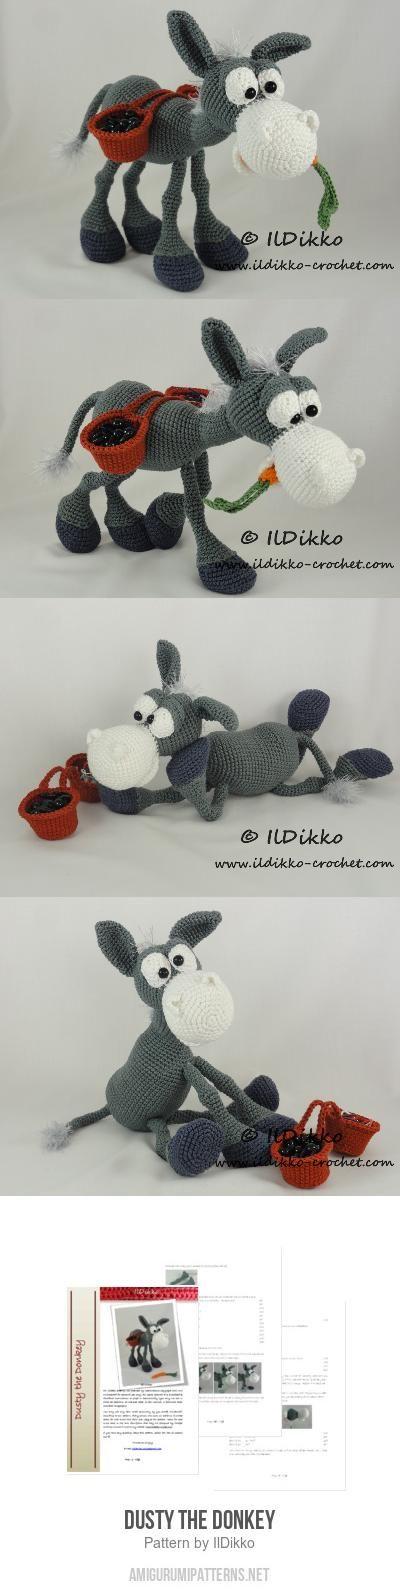 Dusty the Donkey amigurumi pattern by IlDikko | Burritos, Patrones y ...